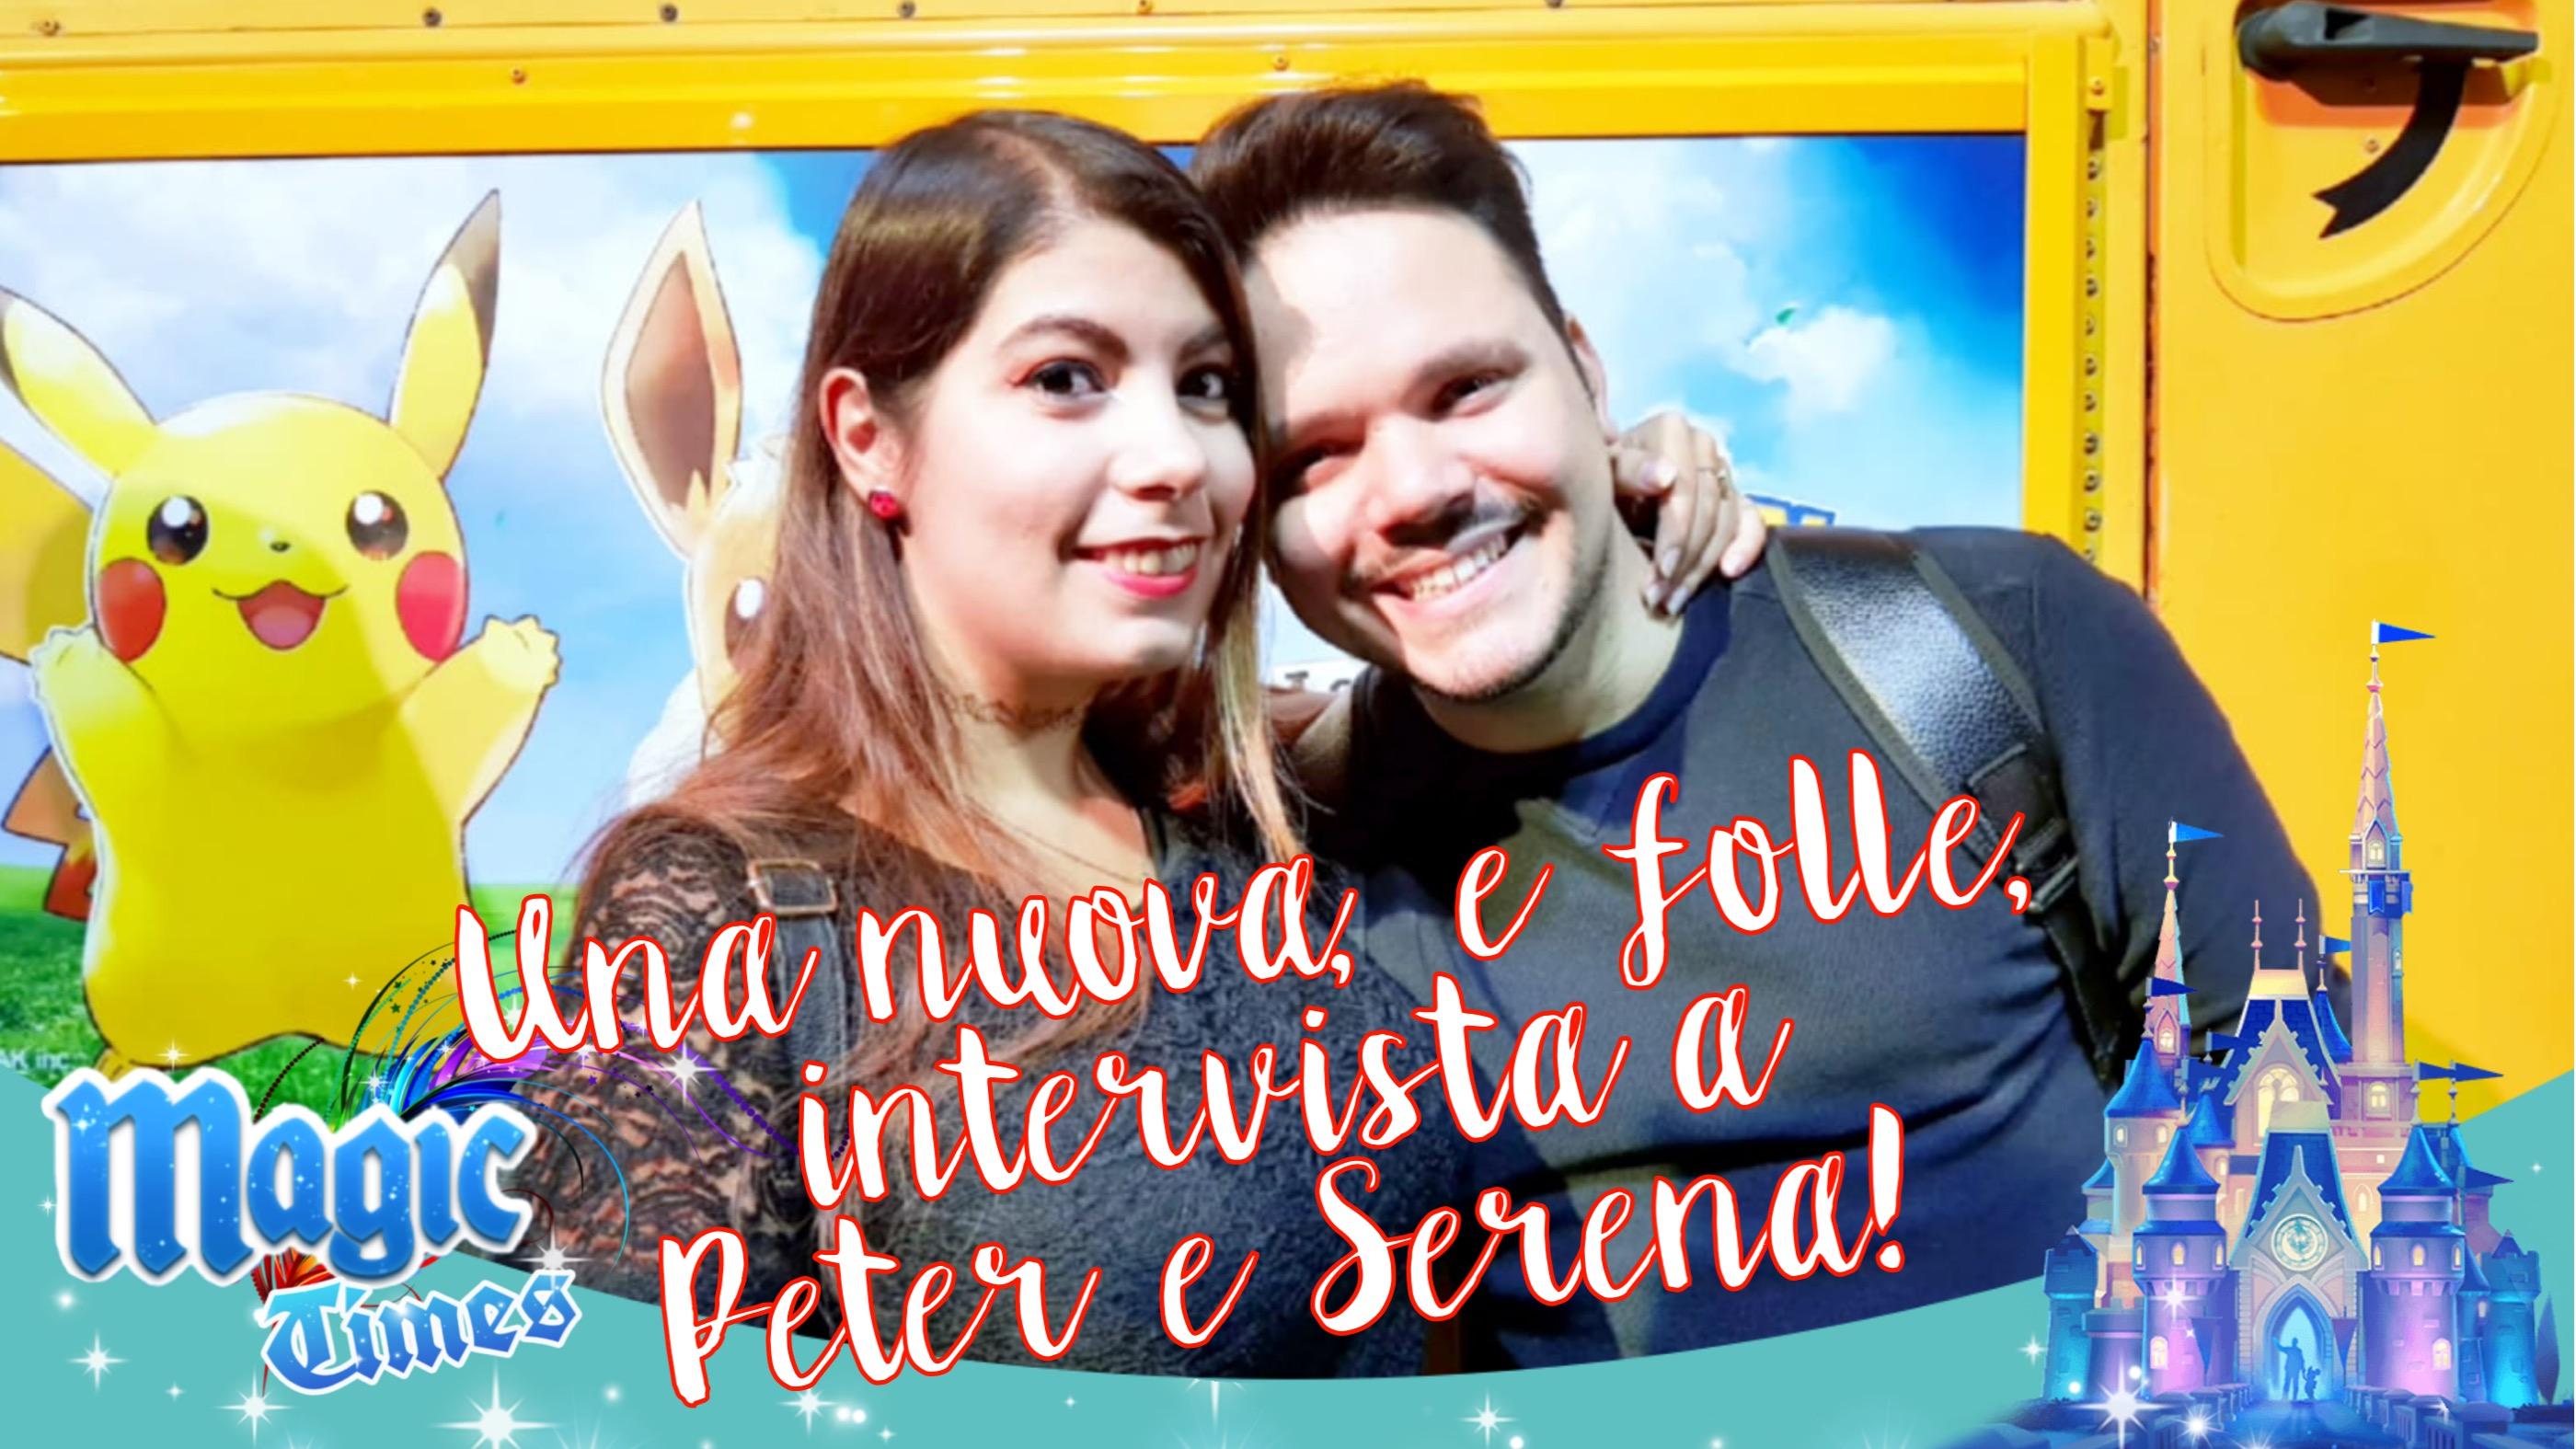 Una nuova, e folle, intervista a Peter e Serena!